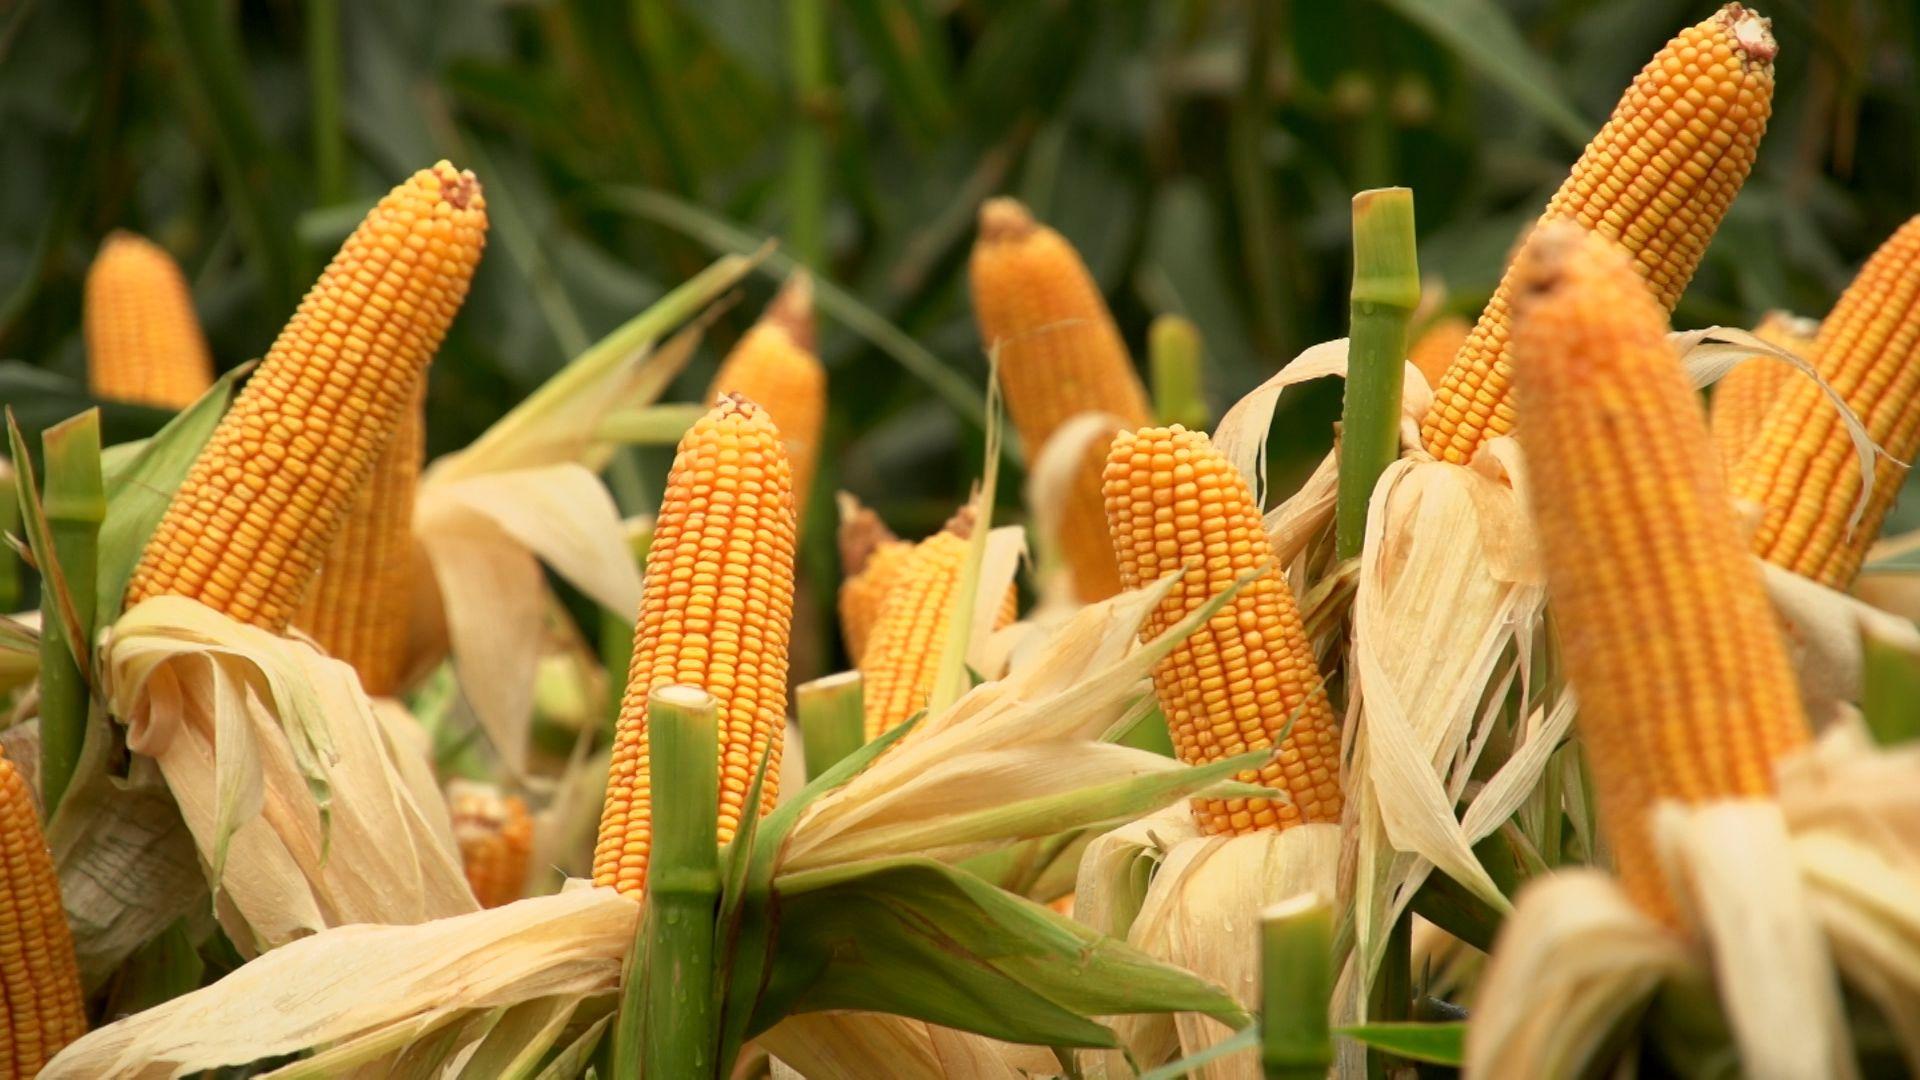 Semillas y biotecnología: verdades y necesidades